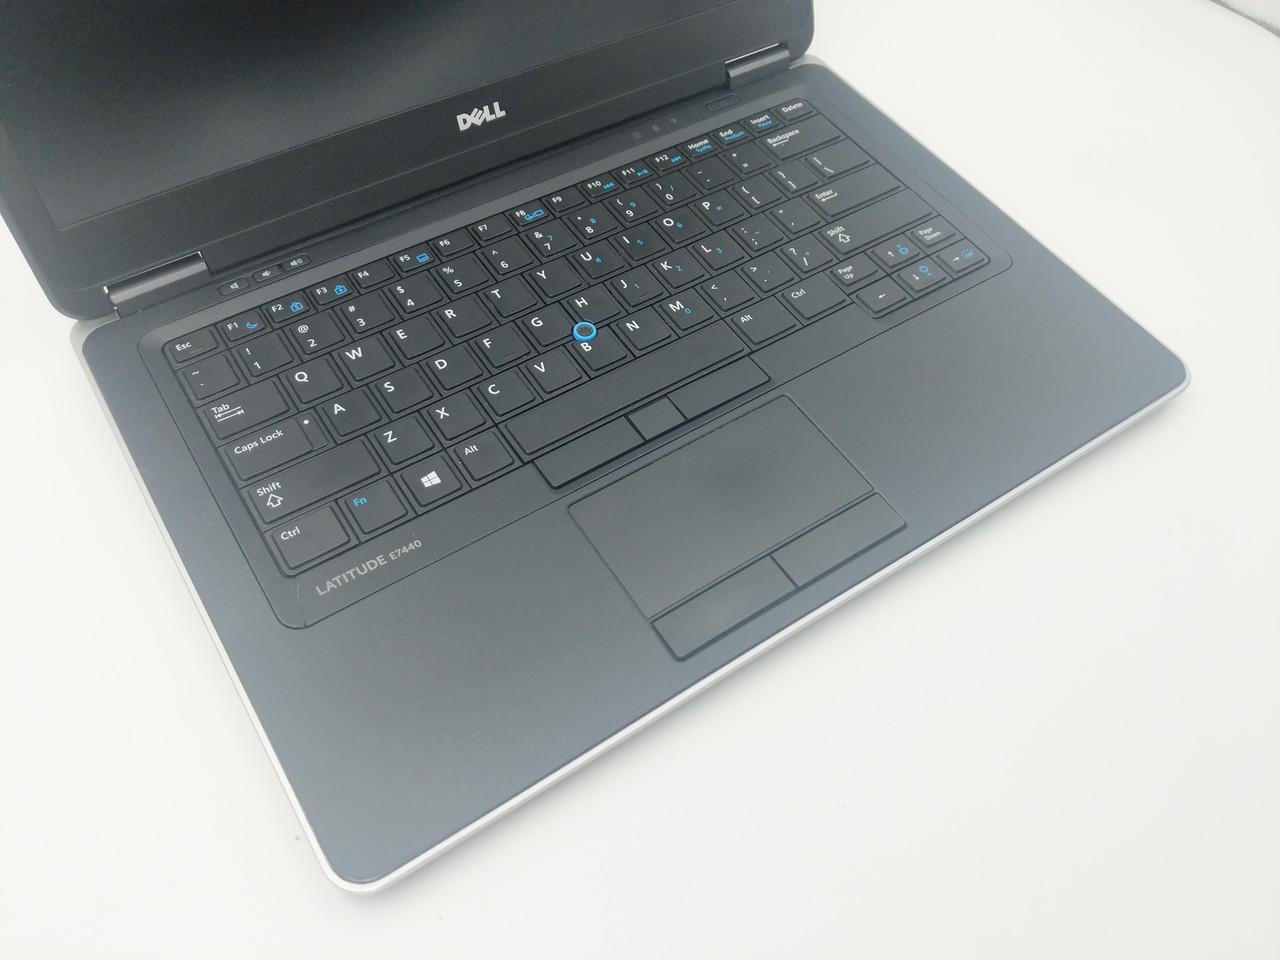 Б/У Dell Latitude E7440 14″ FullHD IPS  i5-4310U / 8Gb DDR3 /SSDНет в наличии 4